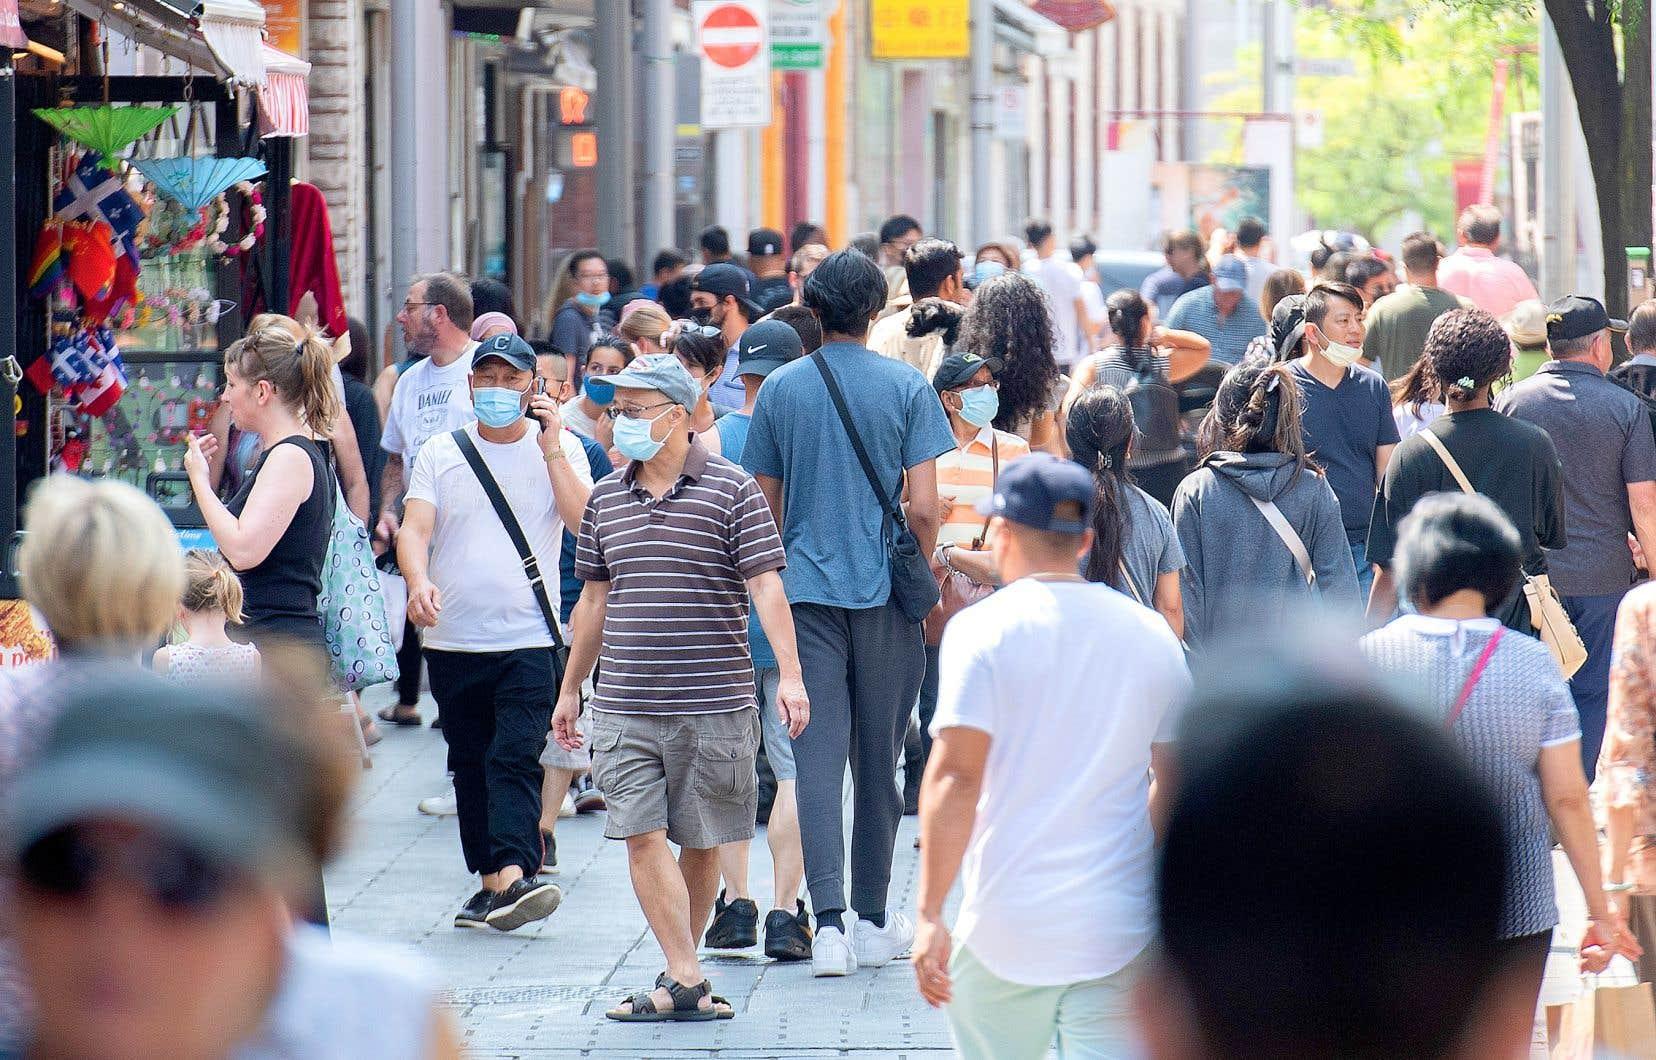 Le premier ministre du Québec, François Legault, a annoncé jeudi qu'un passeport vaccinal sera instauré dans la province pour accéder à des services non essentiels.